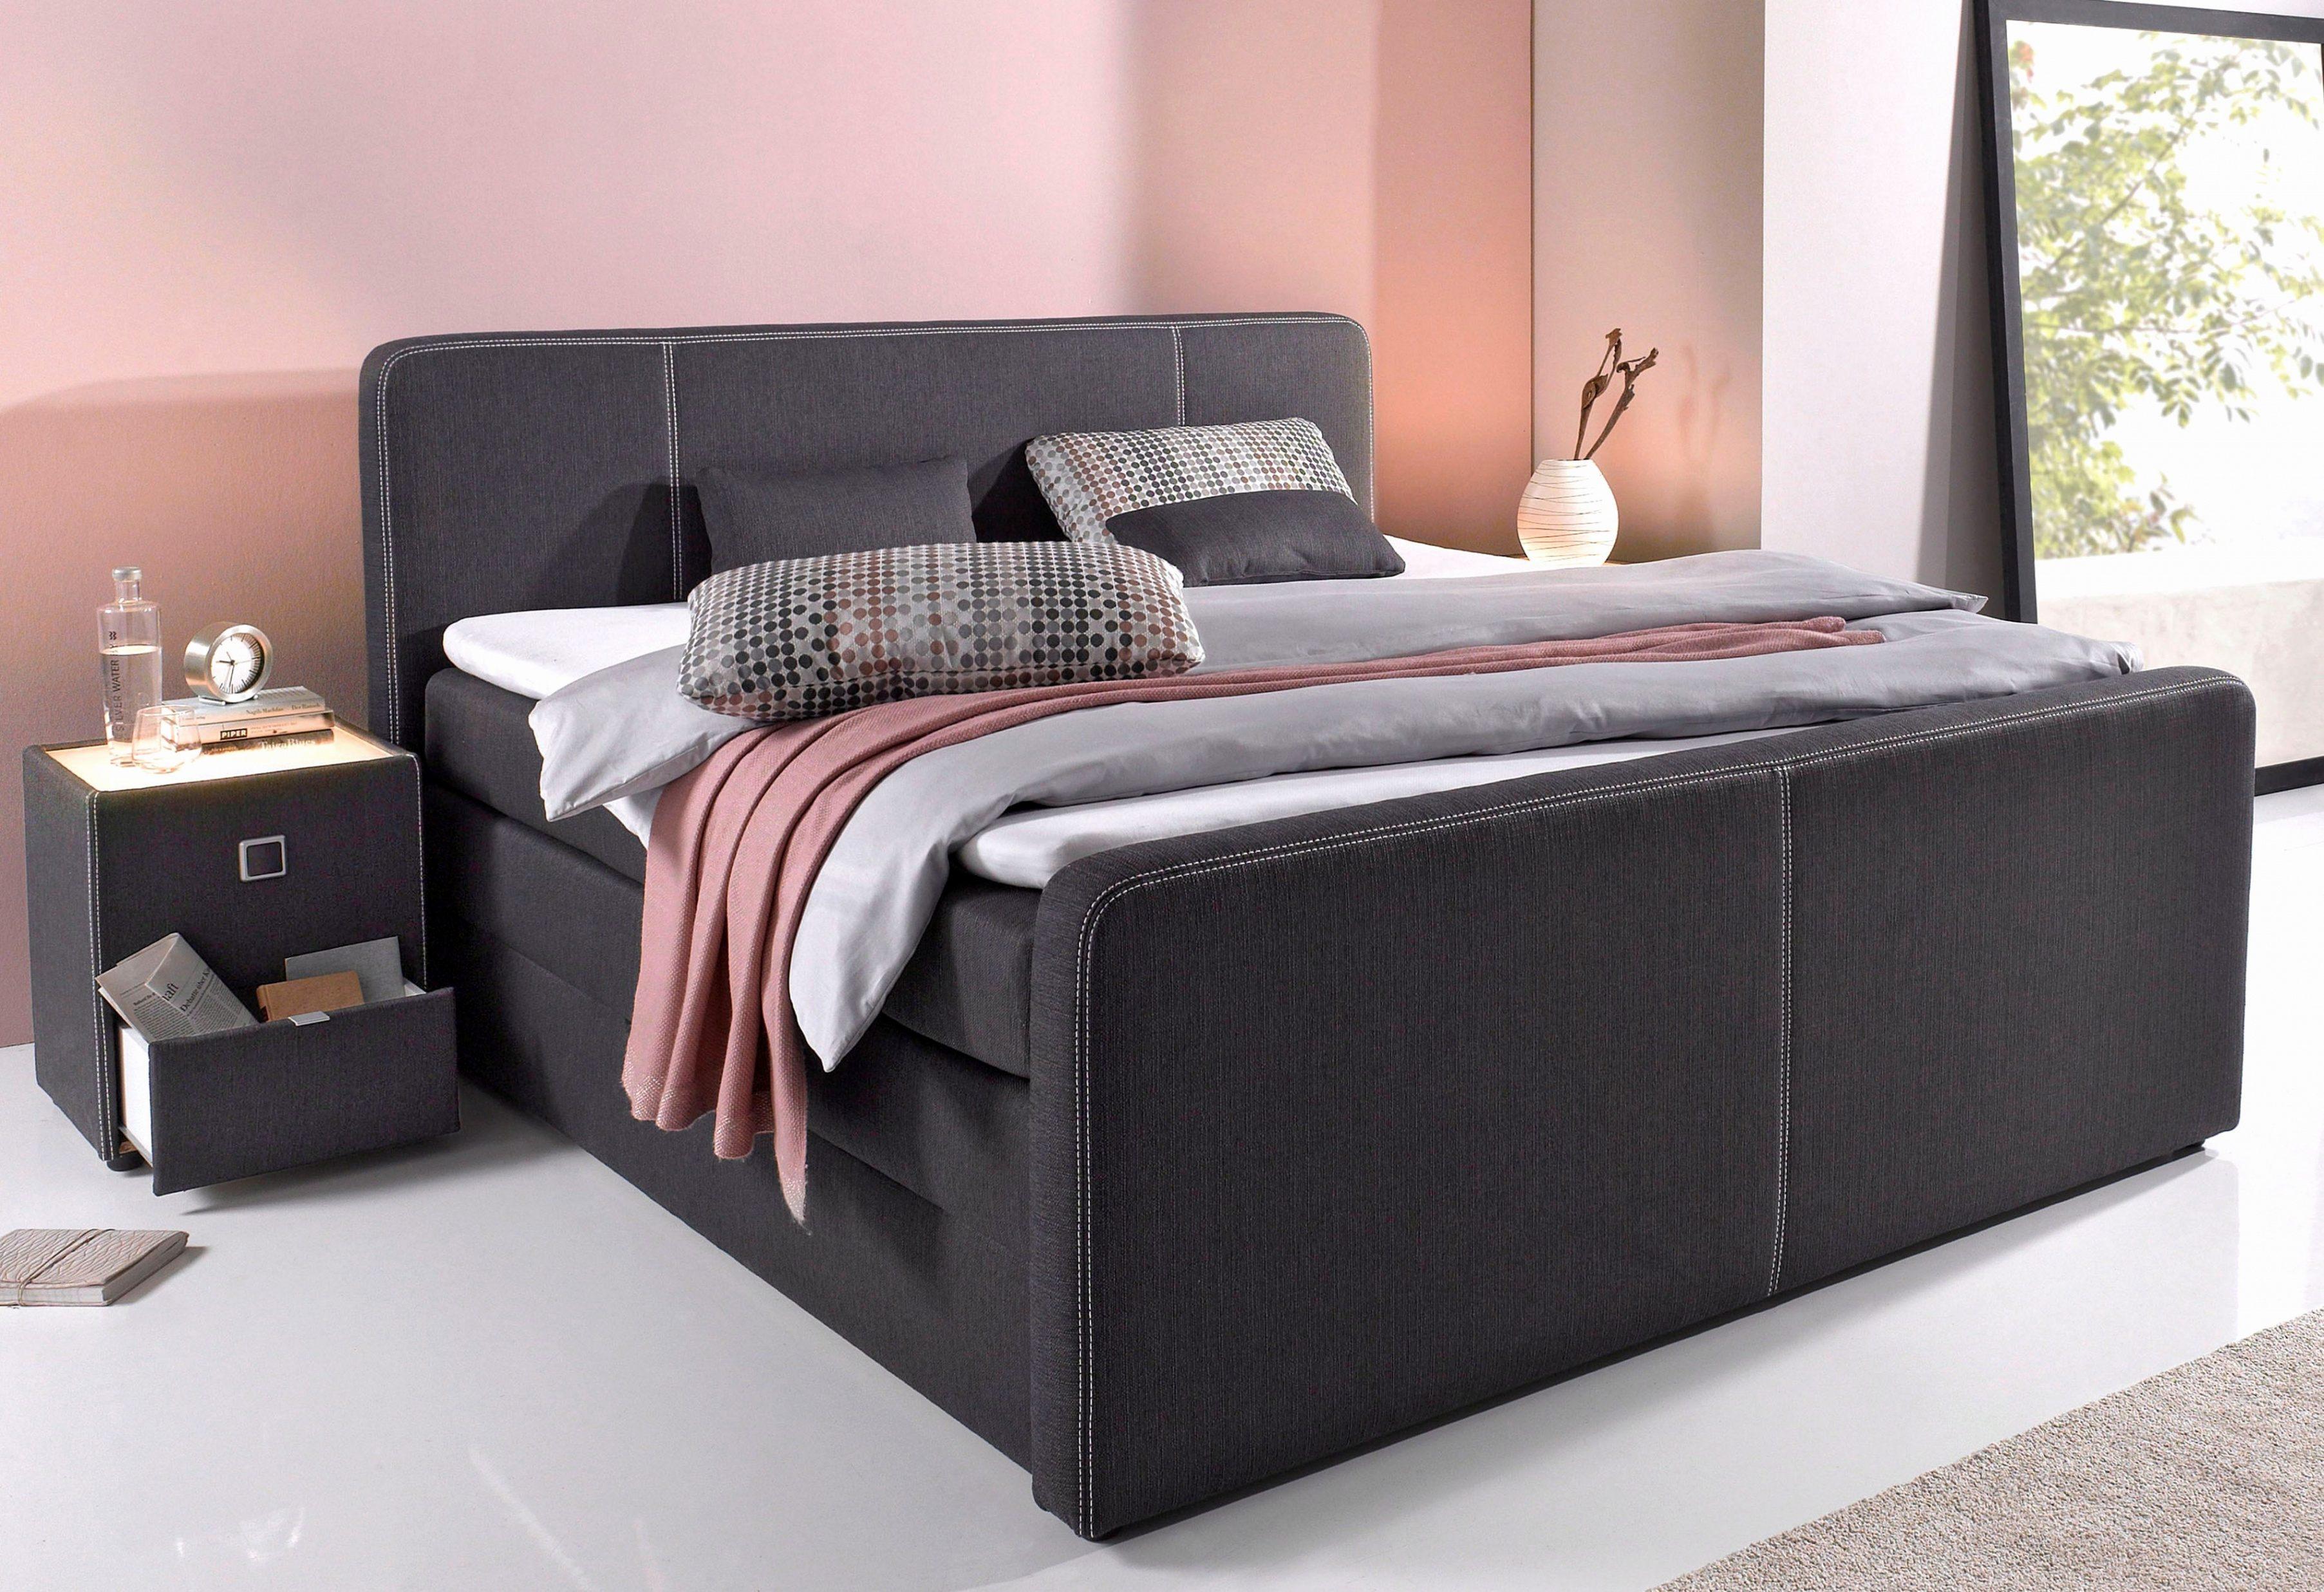 Tete De Lit 160 Ikea Frais Lit 160 Blanc — Mikea Galerie